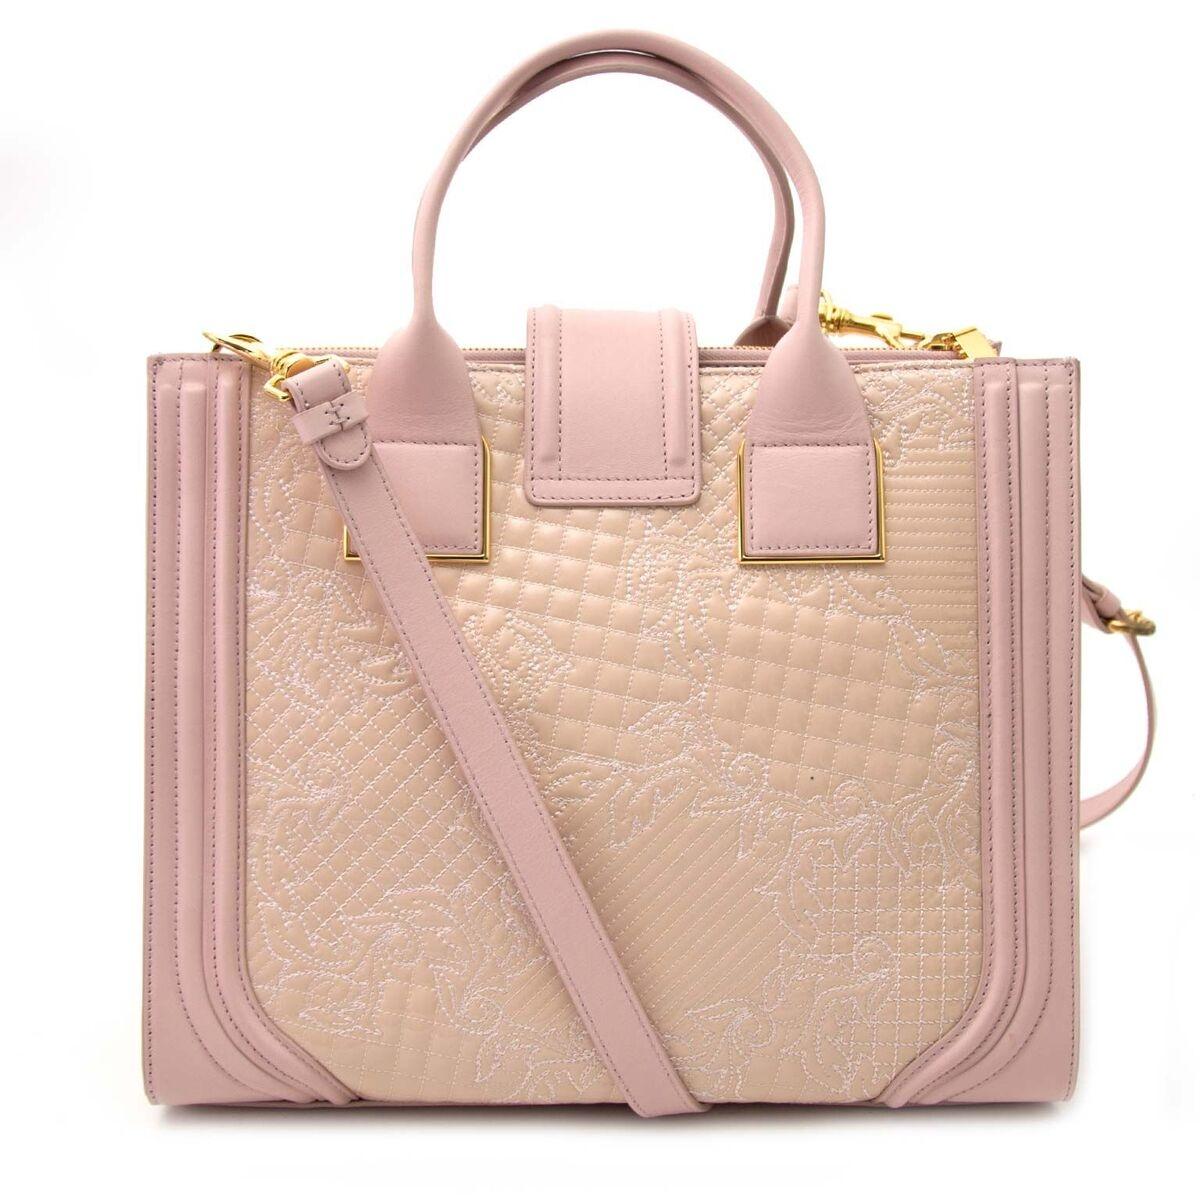 Koop authentieke tweedehands Versace tassen aan een eerlijke prijs bij LabelLOV. Veilig online shoppen.